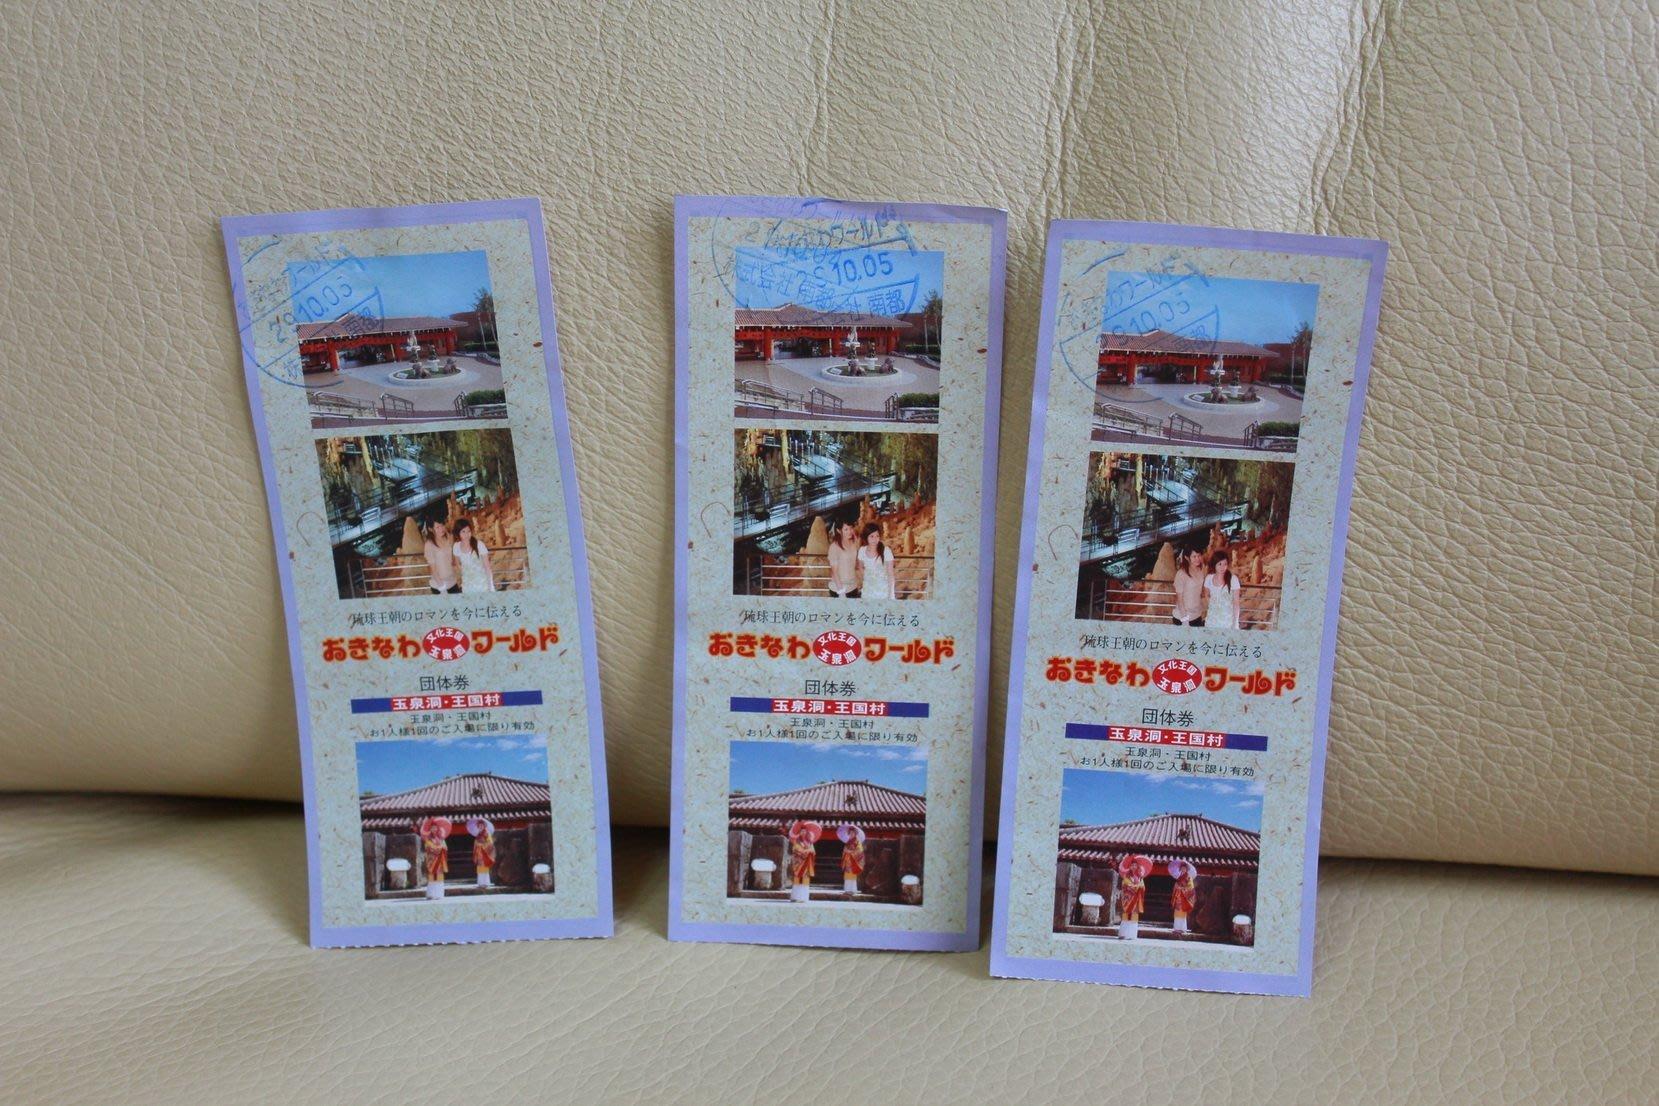 日本 琉球 沖繩 okinawa 玉泉洞 王國村 門票 入門券 入園券 存根 票根 入館券